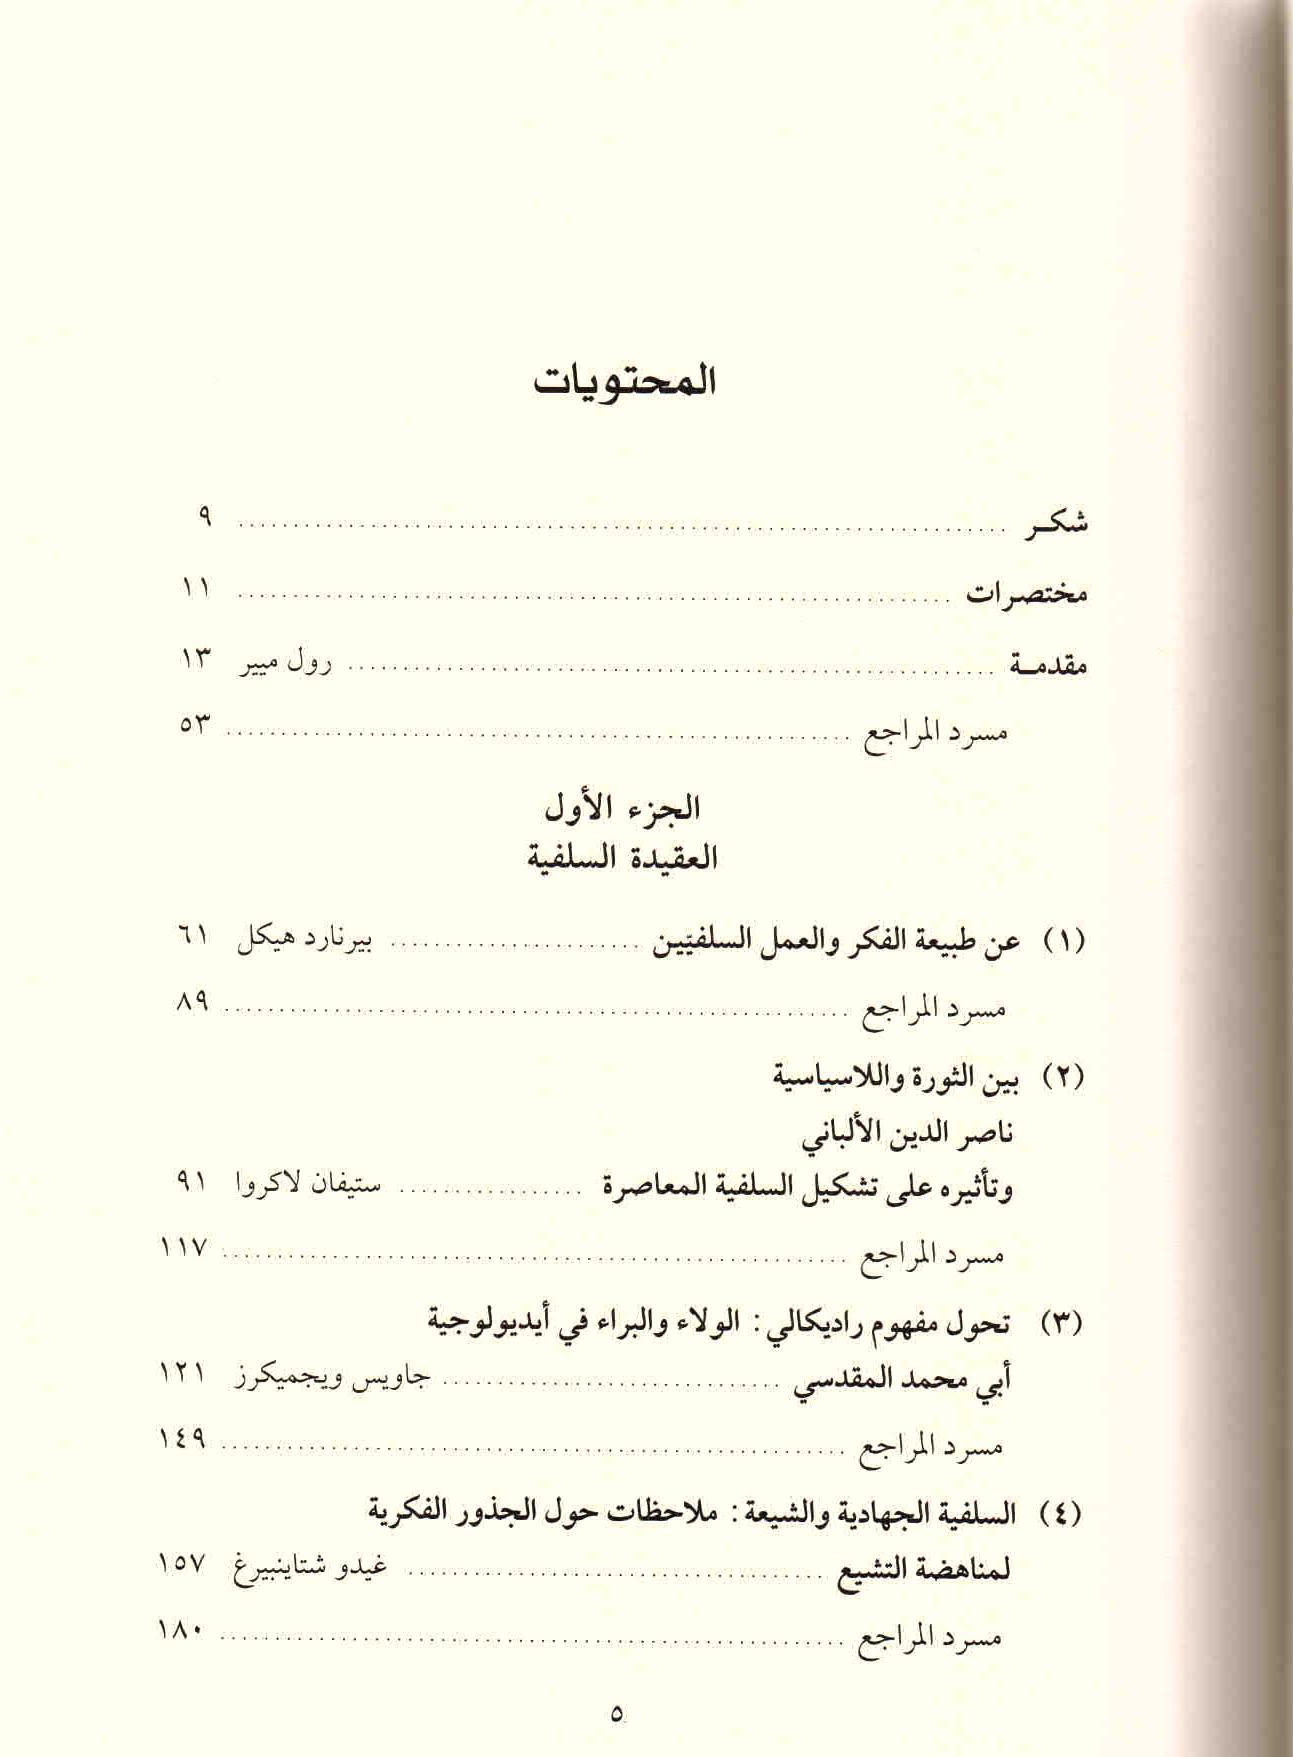 ص5 محتويات كتاب السلفية العالمية